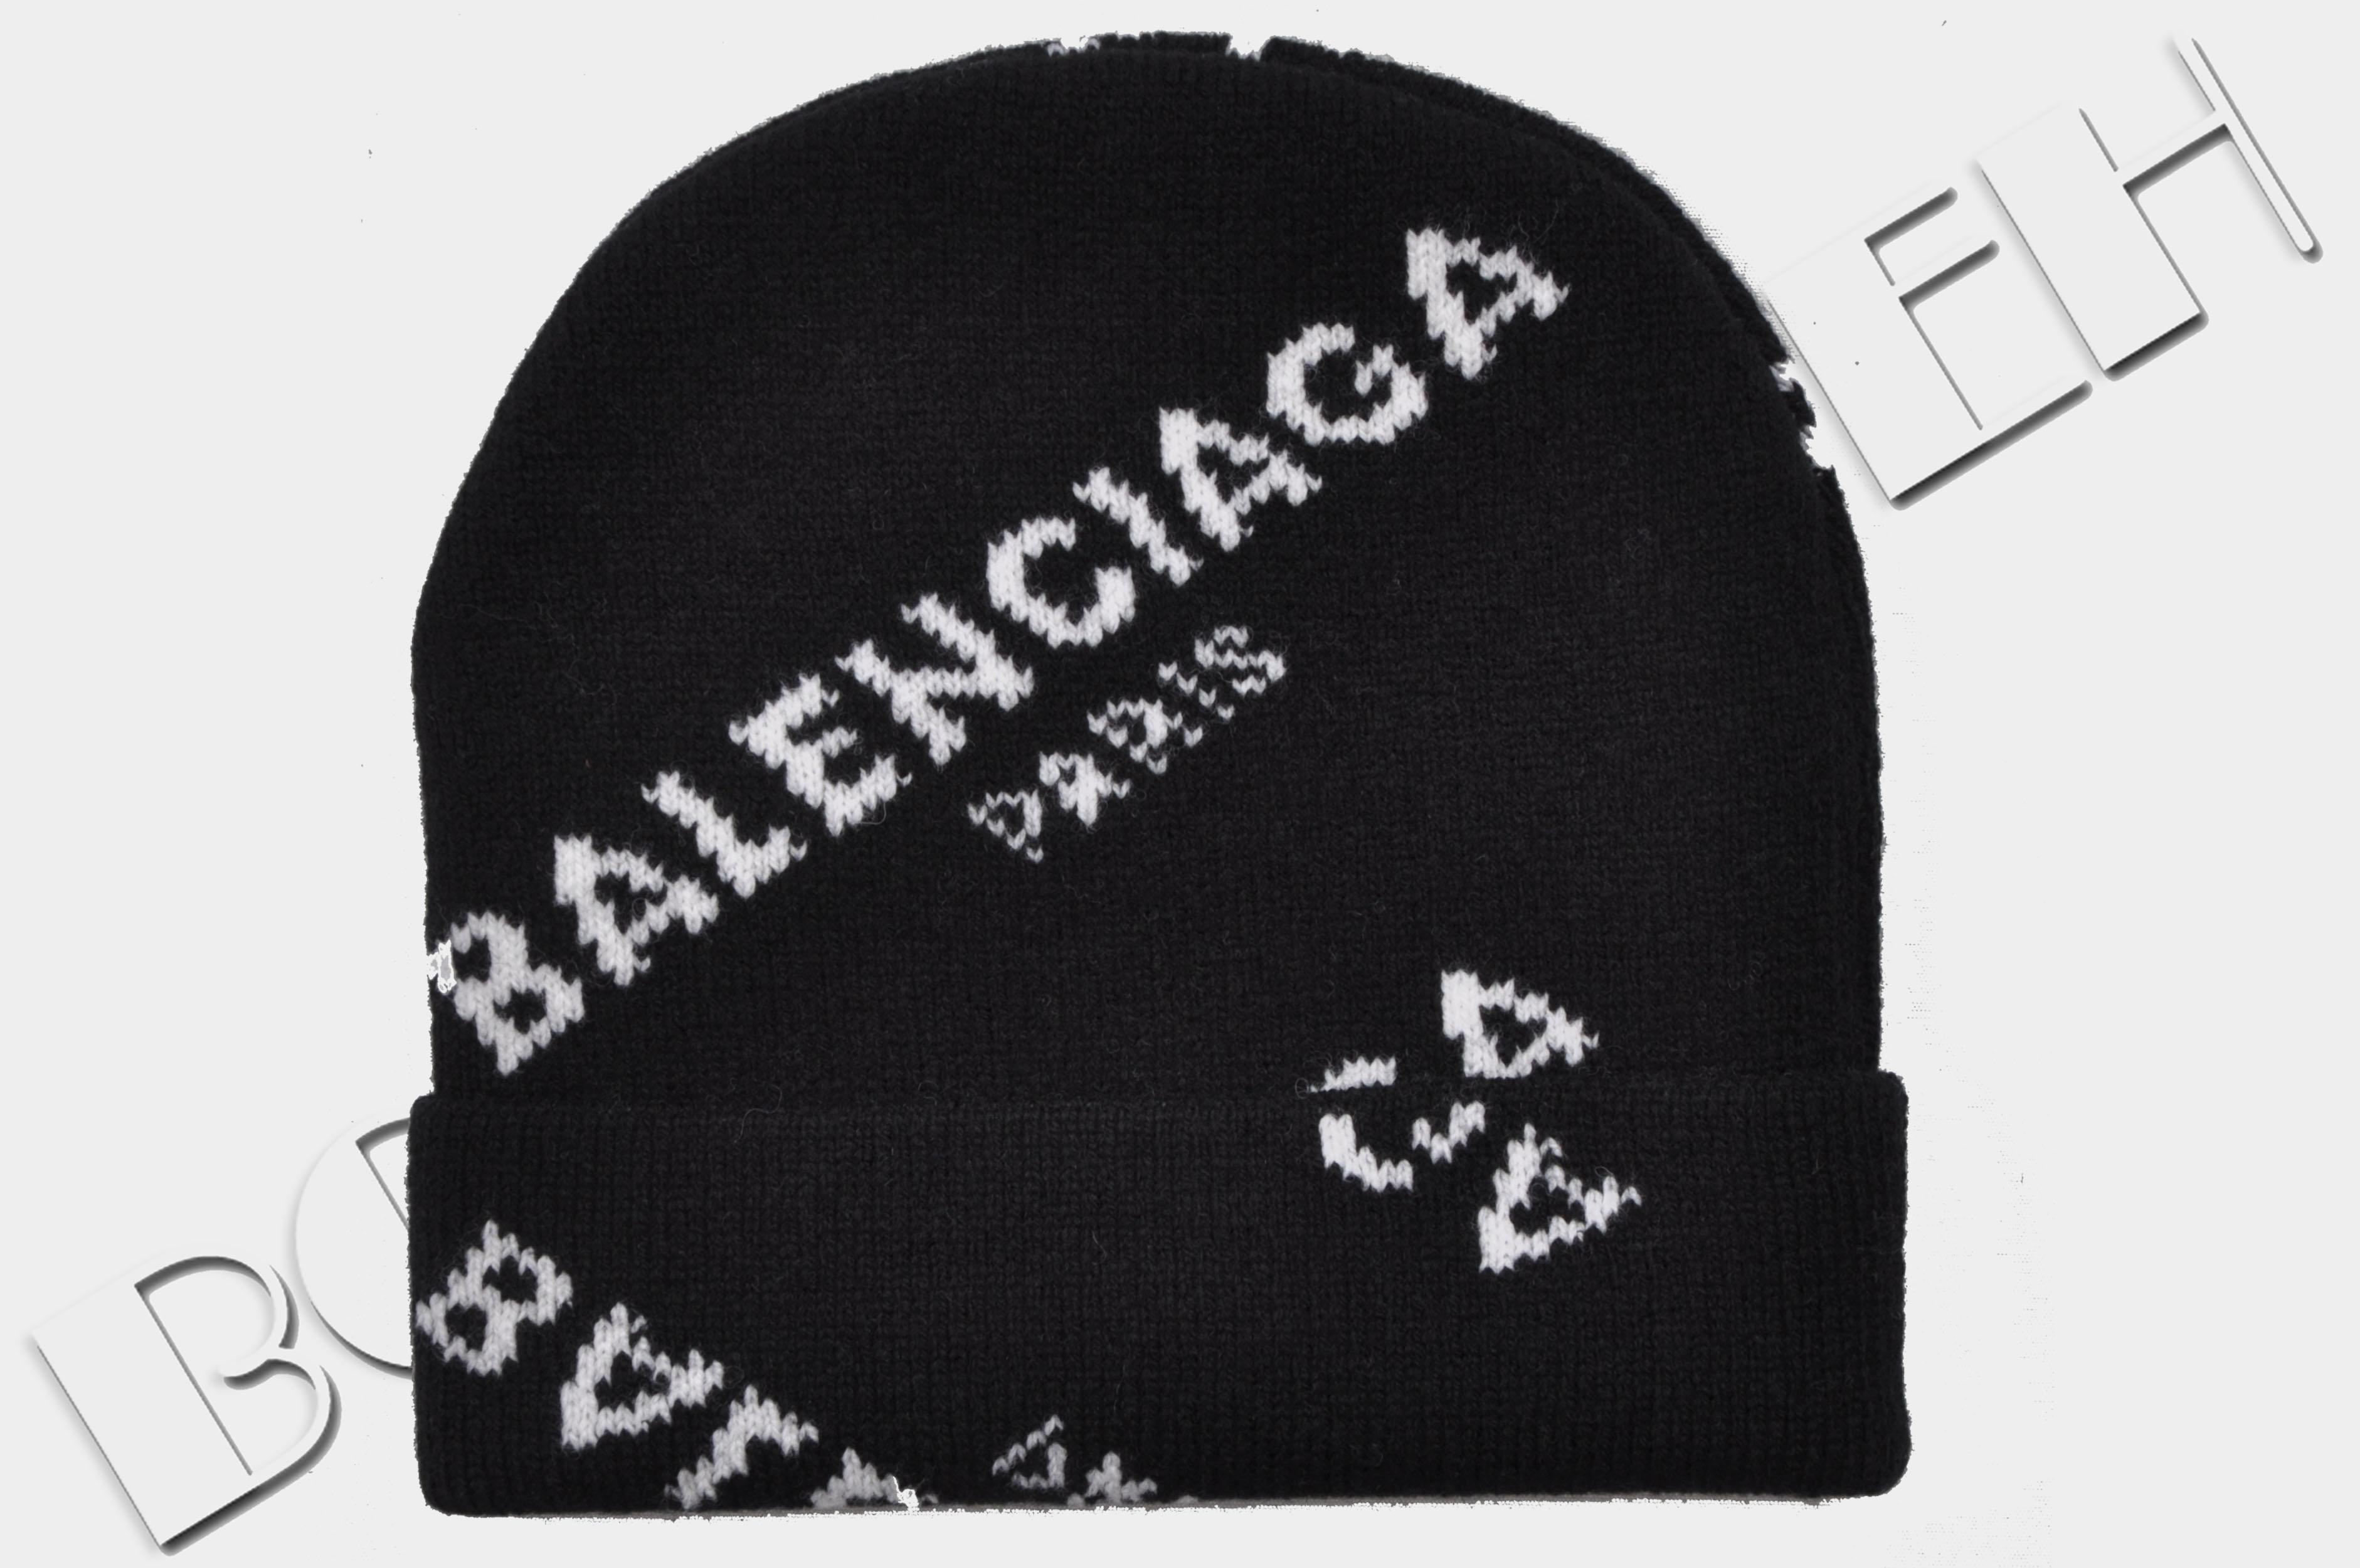 dcf483420a528 Balenciaga ×. 295  New Black Jacquard Logo Beanie Hat